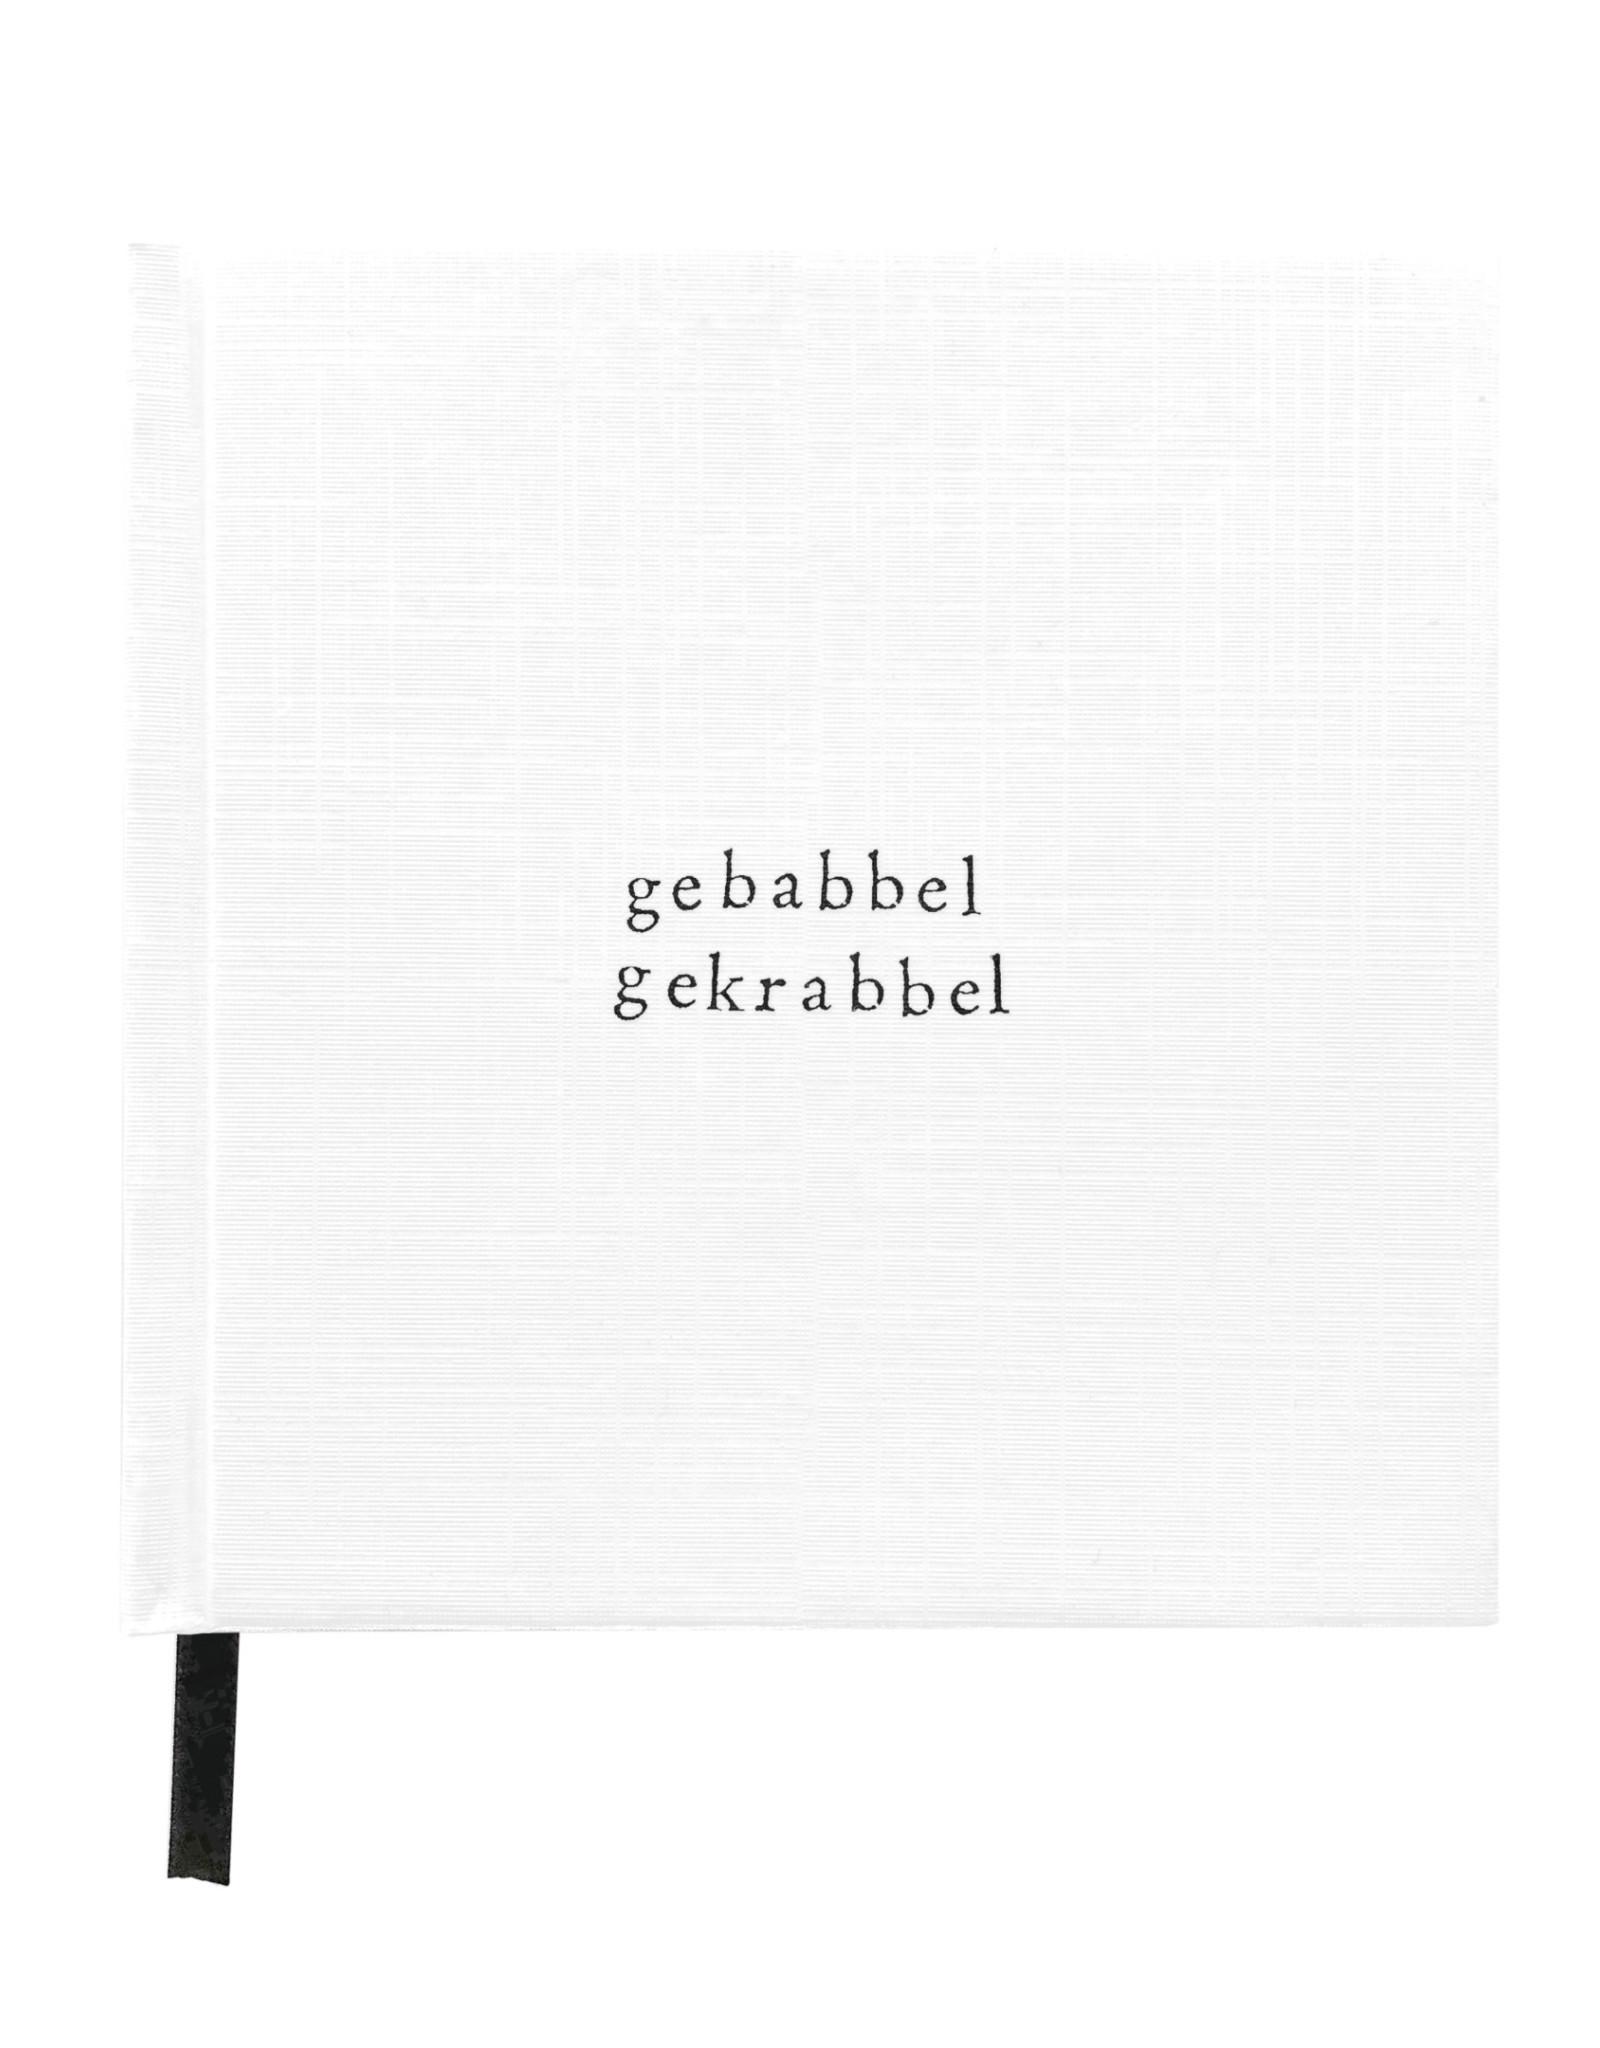 IkPakJeIn Notitieboek Gebrabbel Gekrabbel 12x12cm - IkPakJeIn